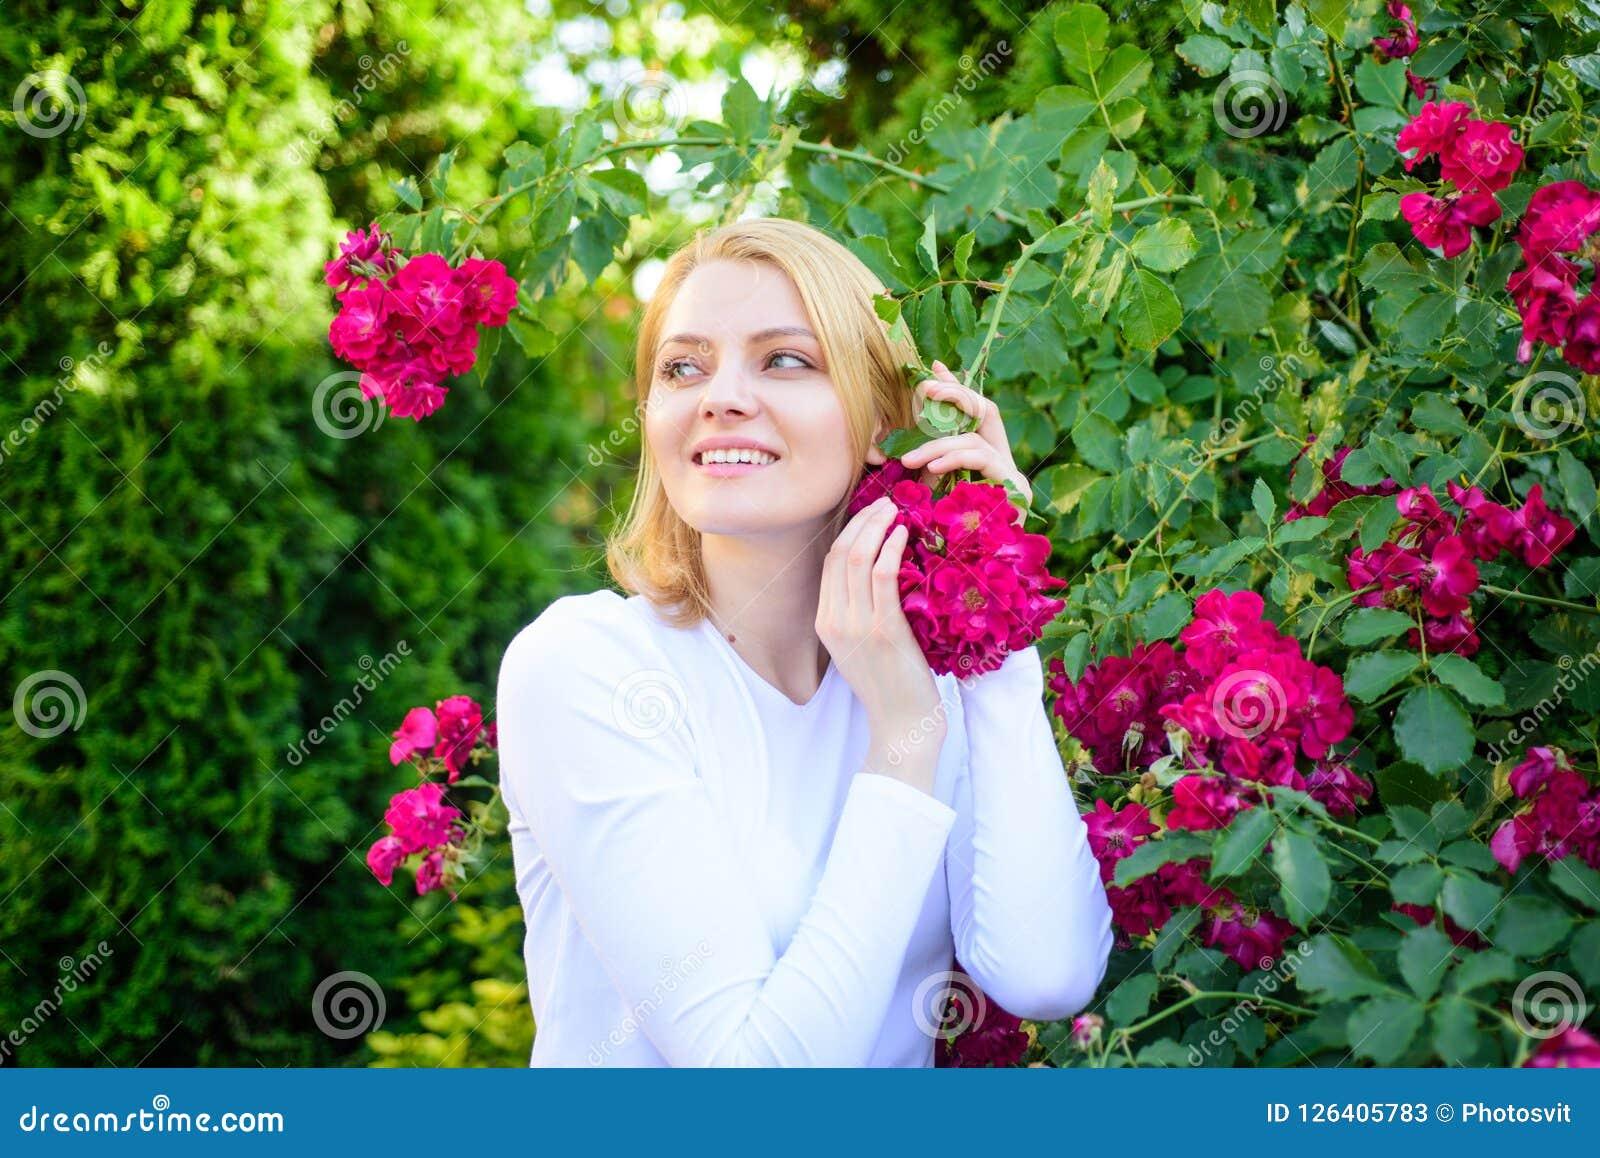 Frauenatemzug blüht Duft Zarter Geruch und Naturschönheit Mädchen und Blumen auf Naturhintergrund Rosen-Auszugöl